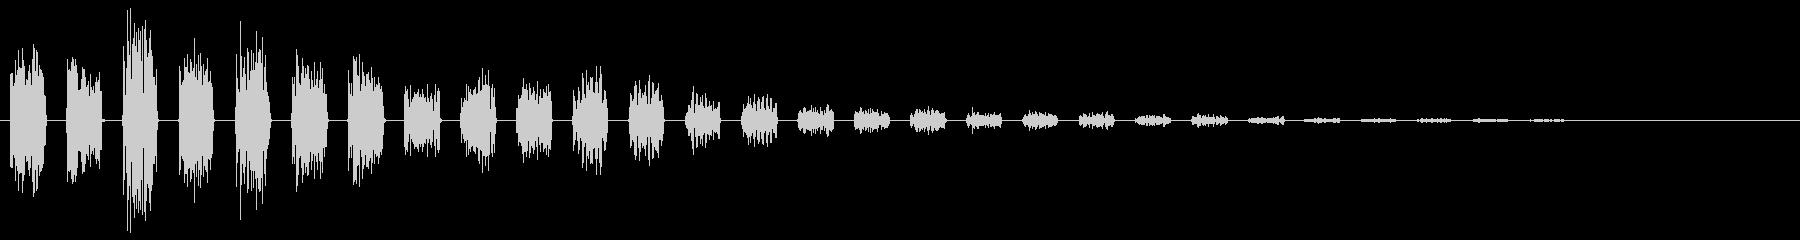 【エレキギター】クリーントレモロ音の未再生の波形